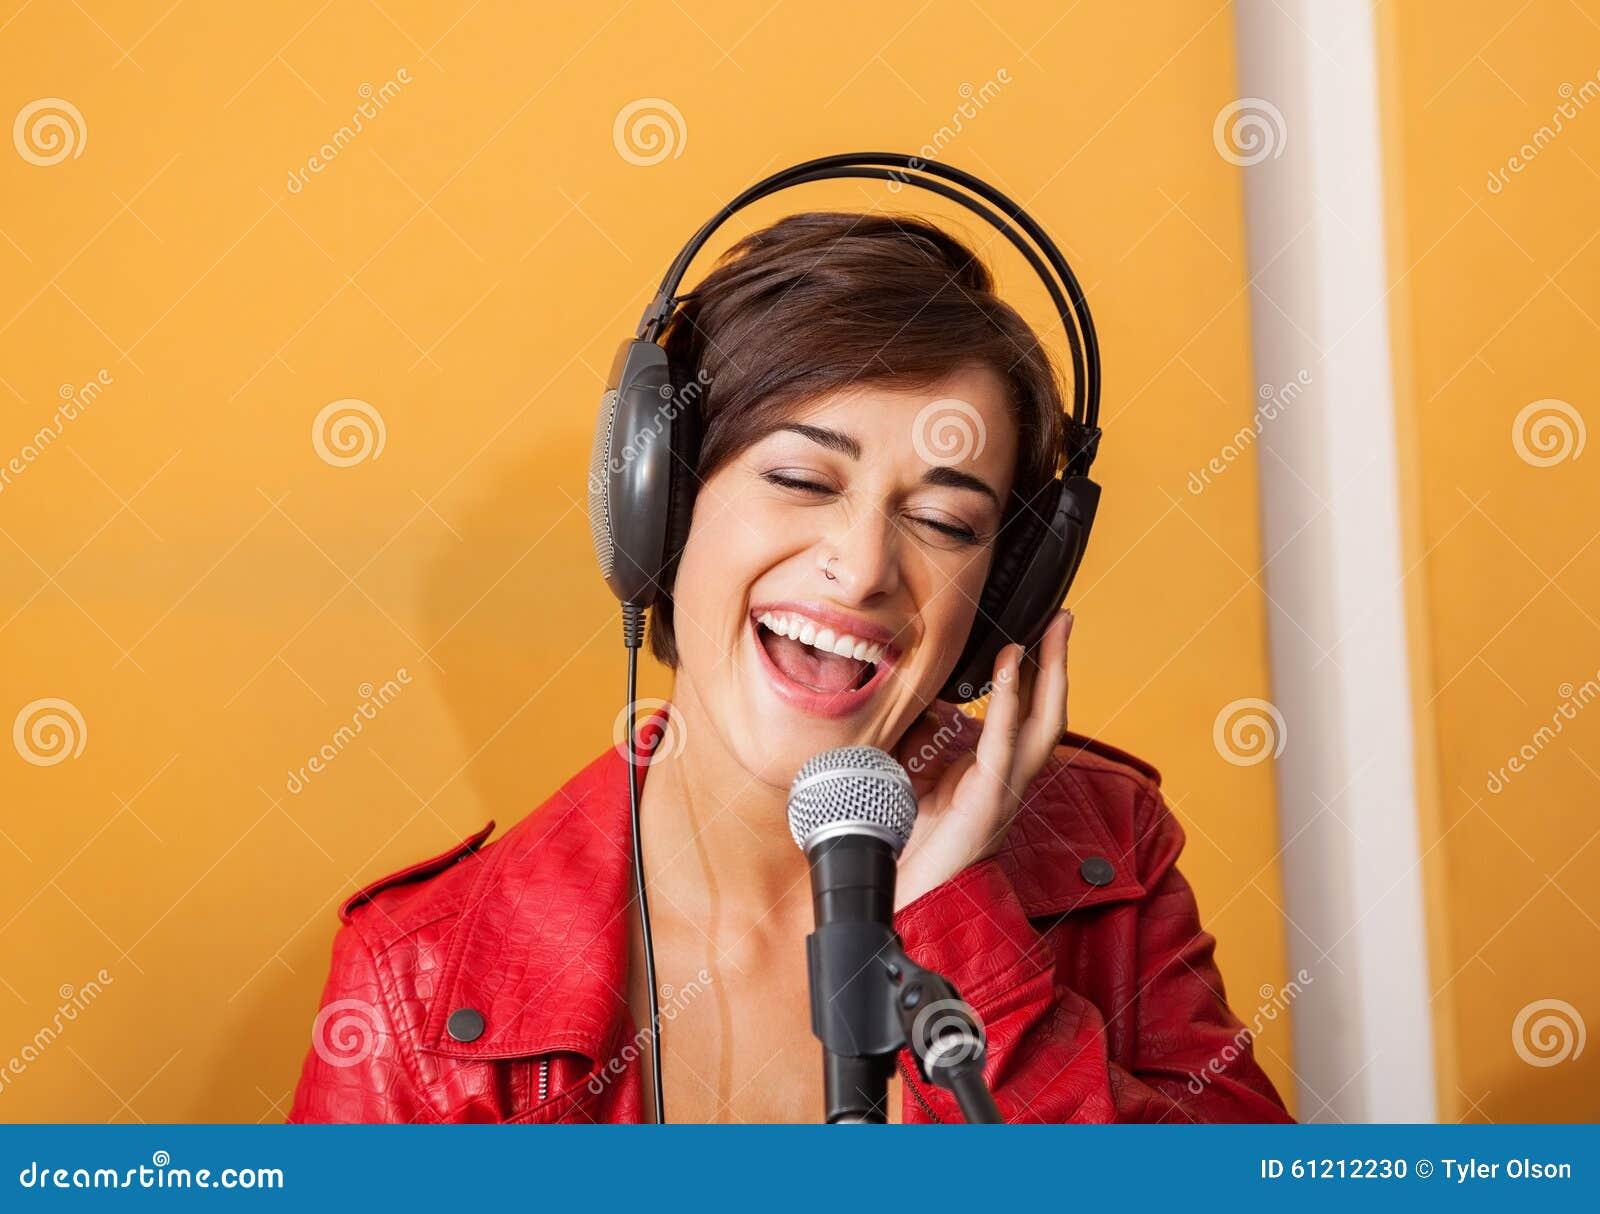 Joyful Woman Singing In Recording Studio